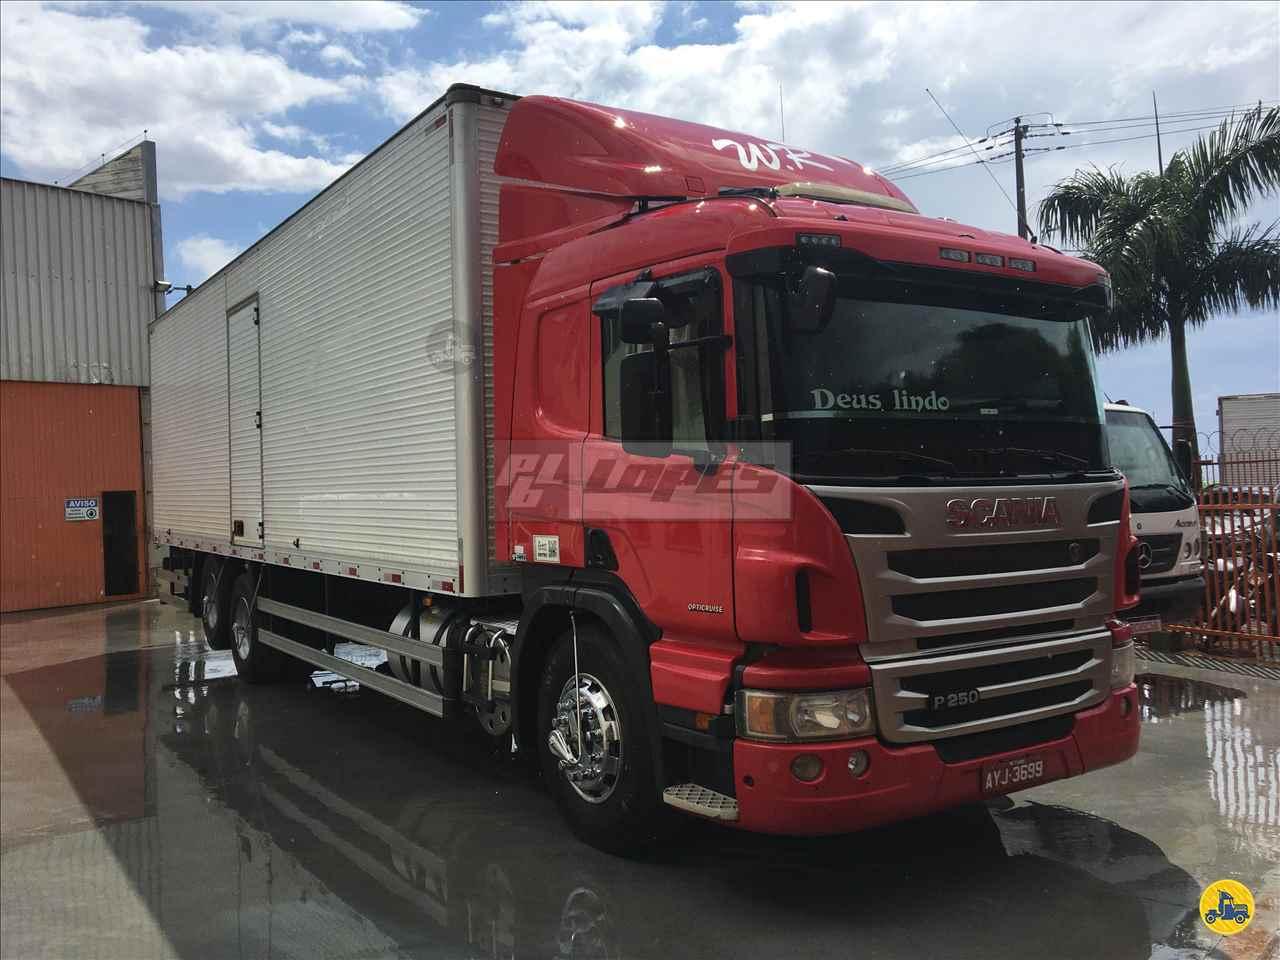 CAMINHAO SCANIA SCANIA P250 Baú Furgão Truck 6x2 P.B. Lopes - Scania MARINGA PARANÁ PR